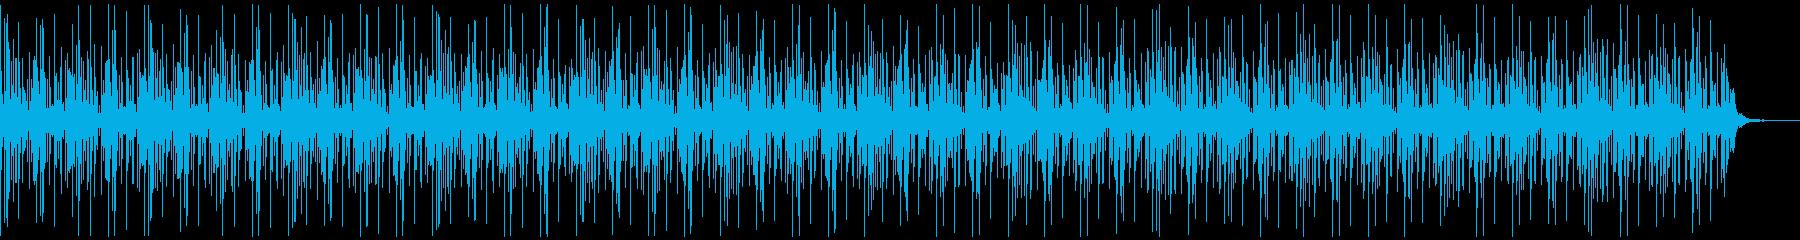 [ニュース報道]無機質:フラット:06の再生済みの波形